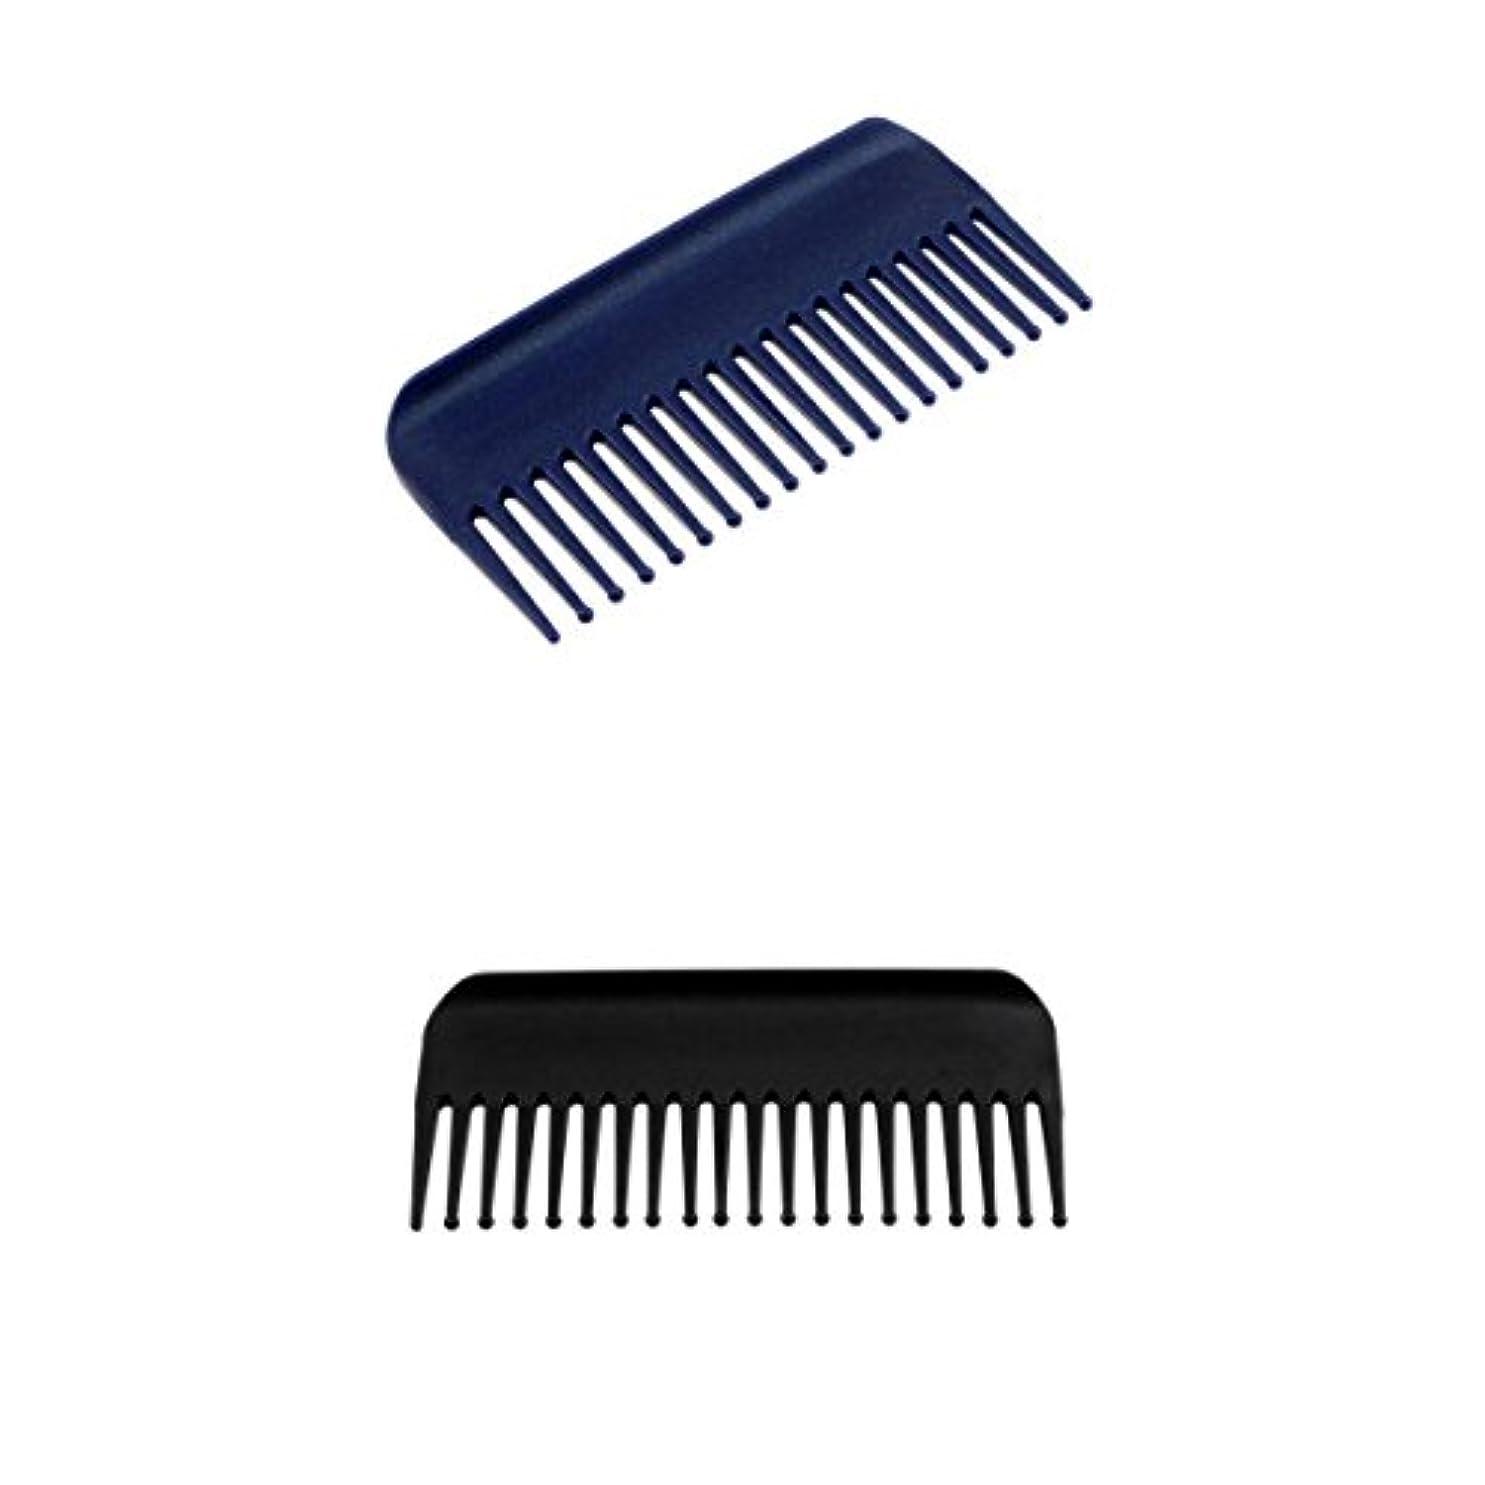 適度に有益なと組むヘアコーム 櫛 くし ヘアブラシ ヘアケア ヘアスタイリング 耐熱性 帯電防止 2個